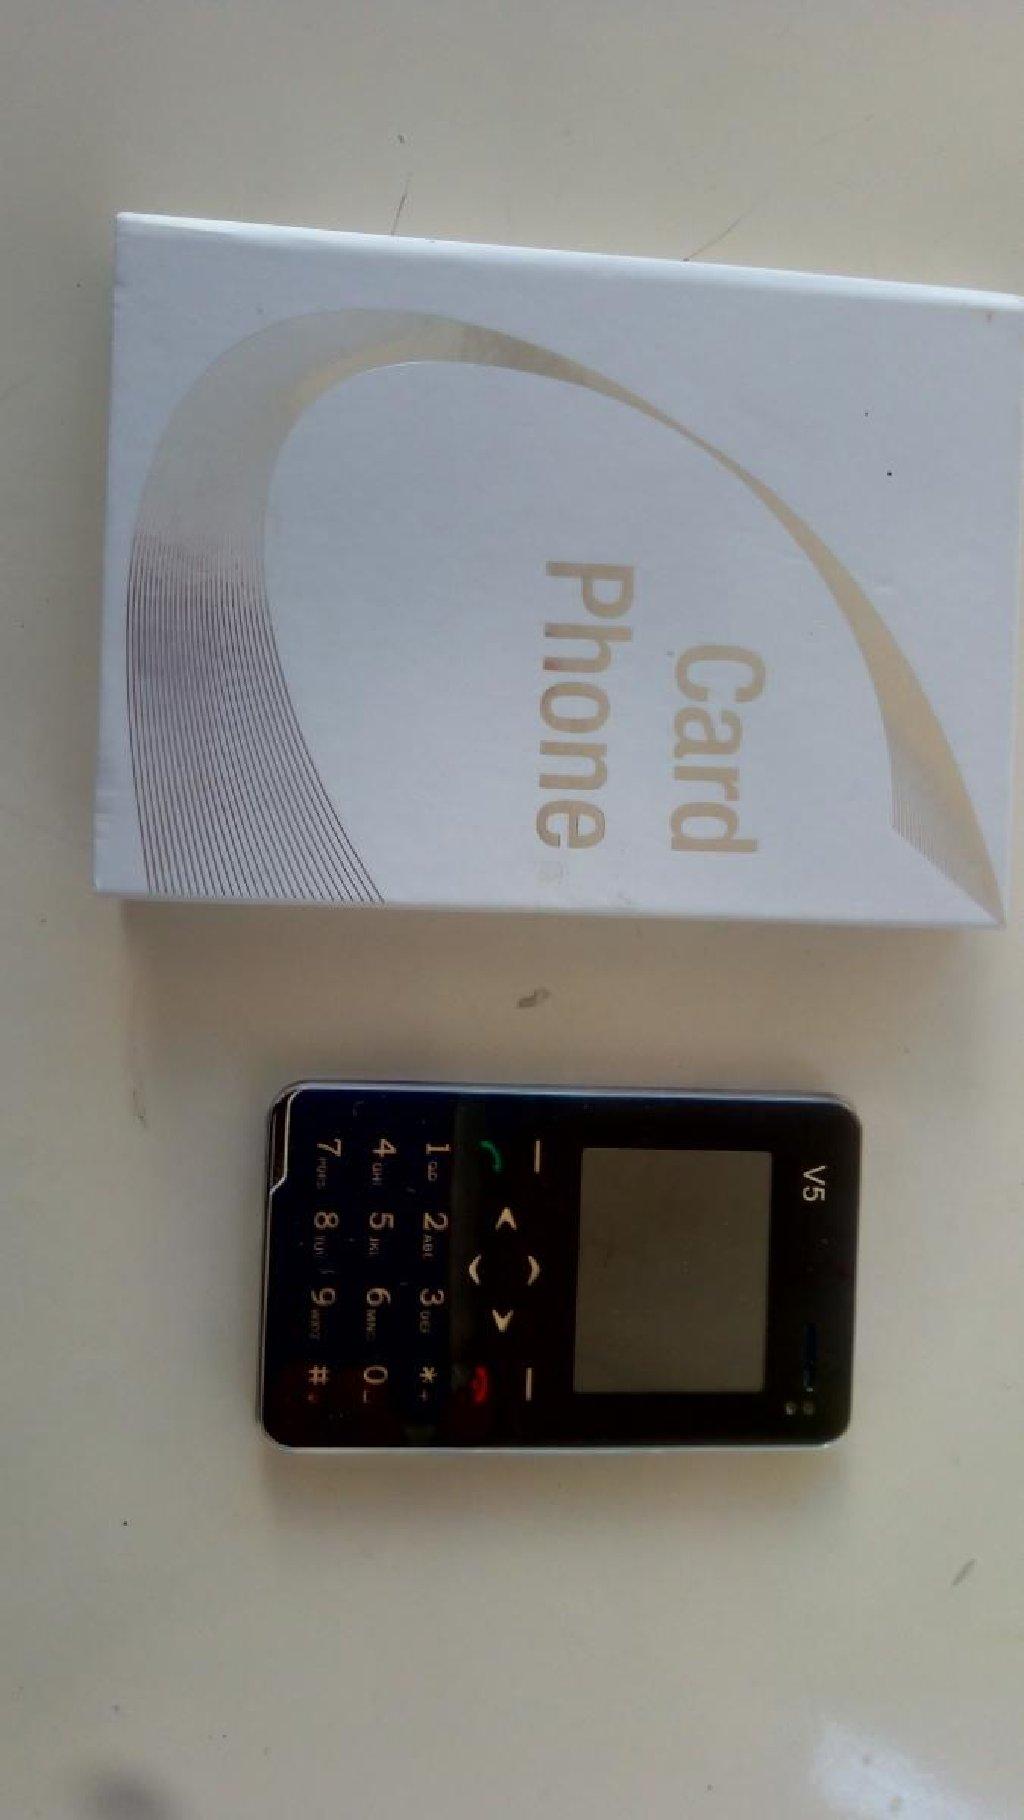 Κινητό τηλεφωνο σε μέγεθος κάρτας